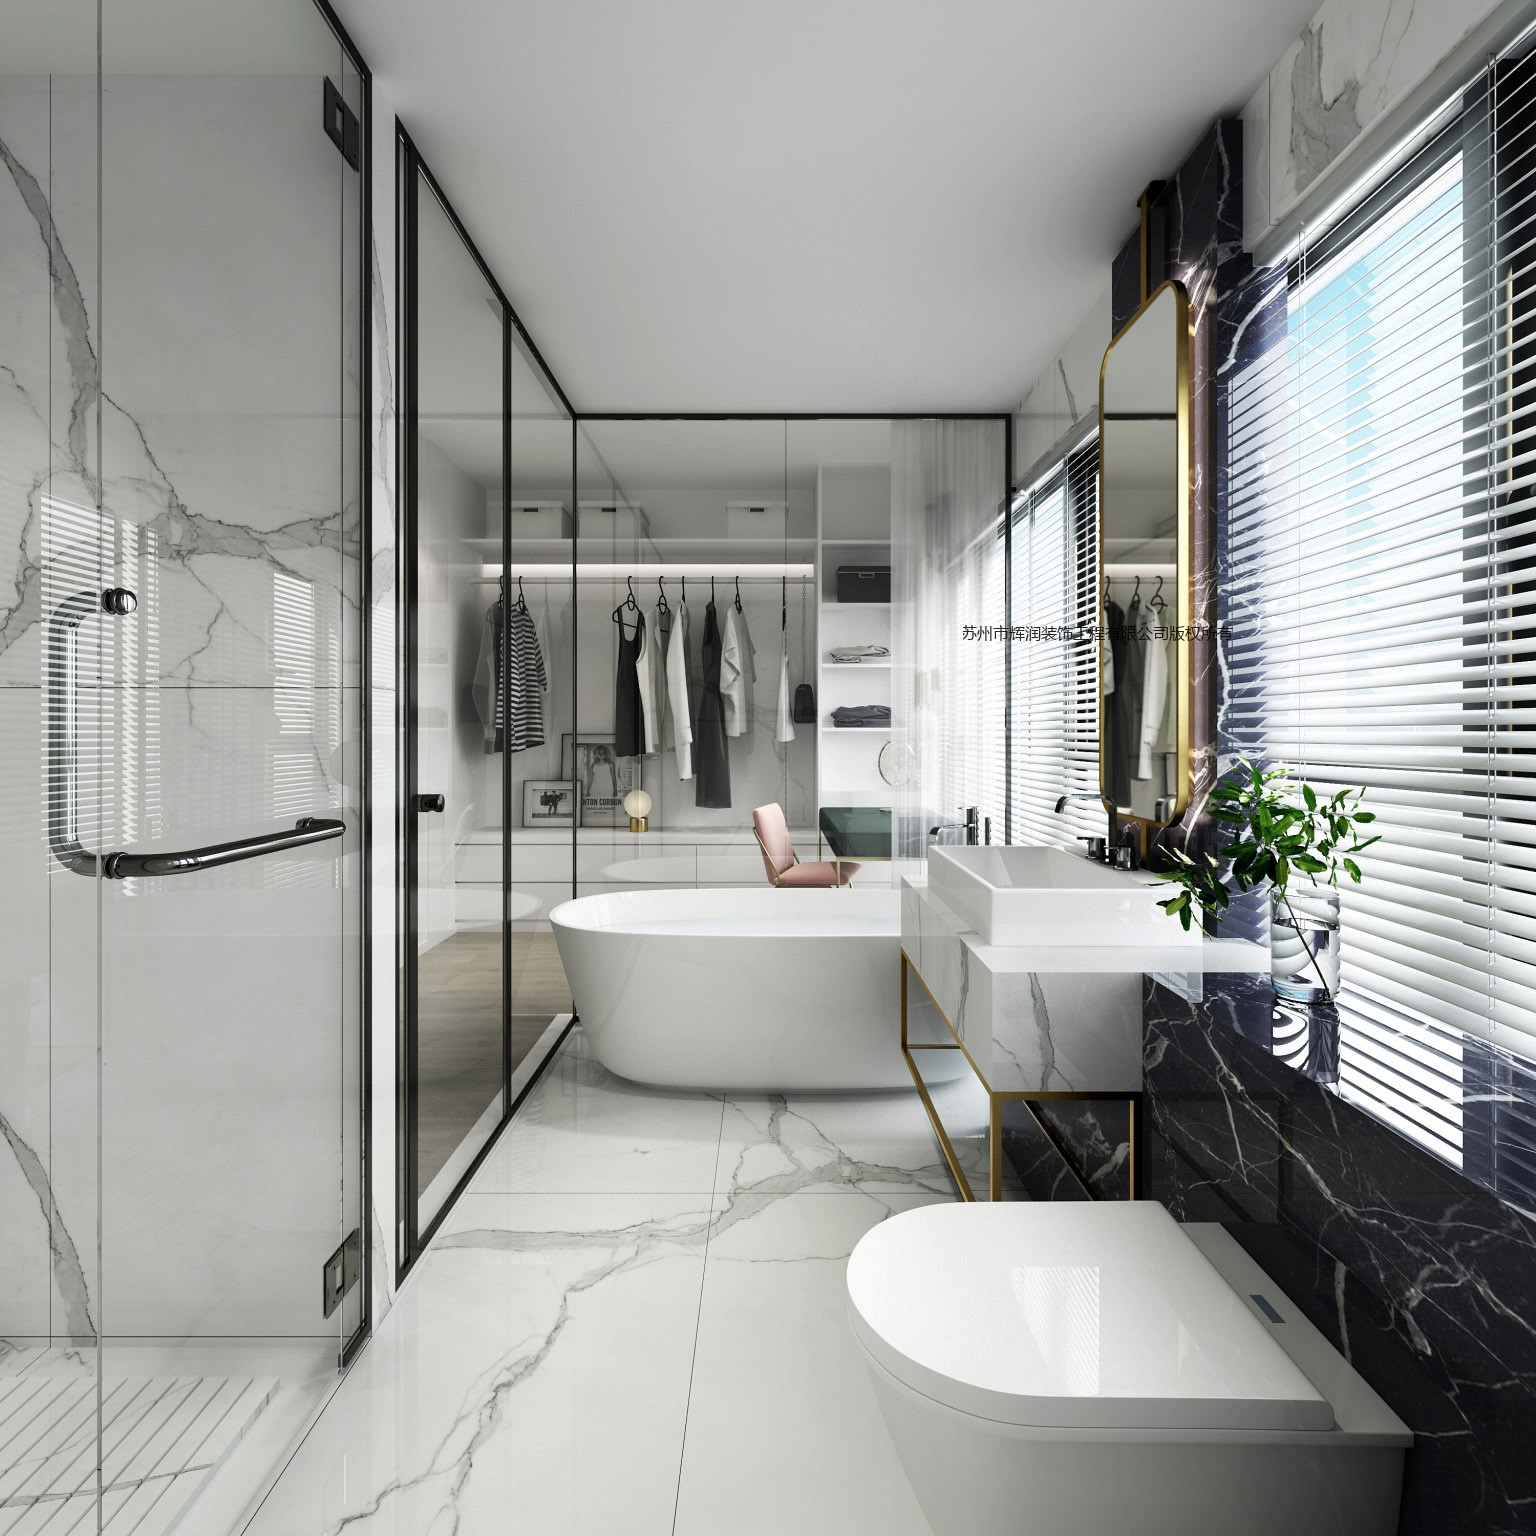 样板间设计模板之龙湖狮山天街浴室